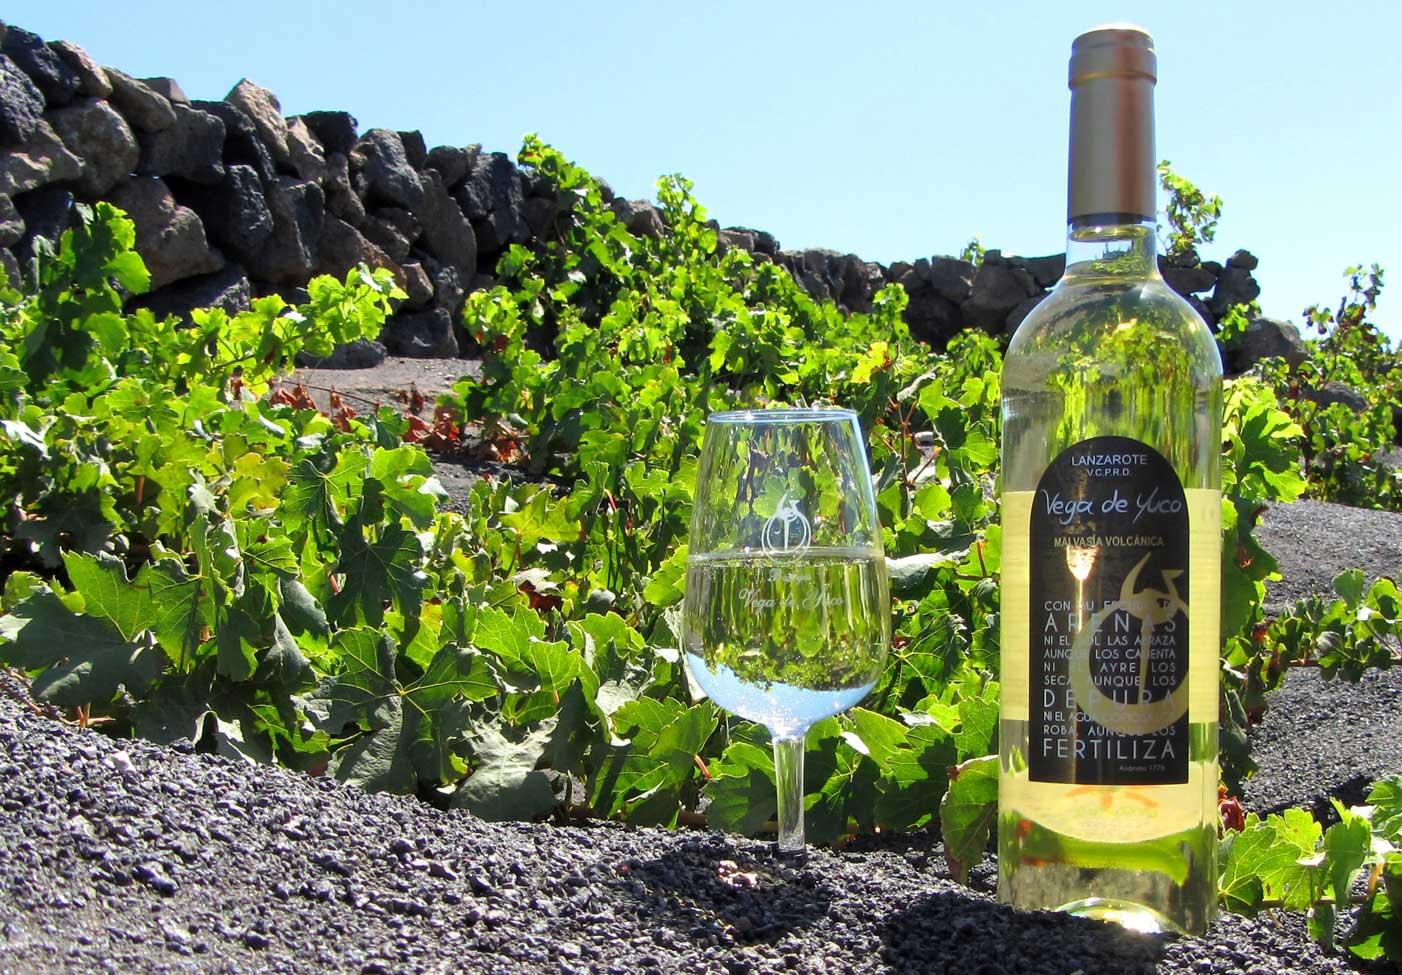 El primer vino 2017 de Canarias